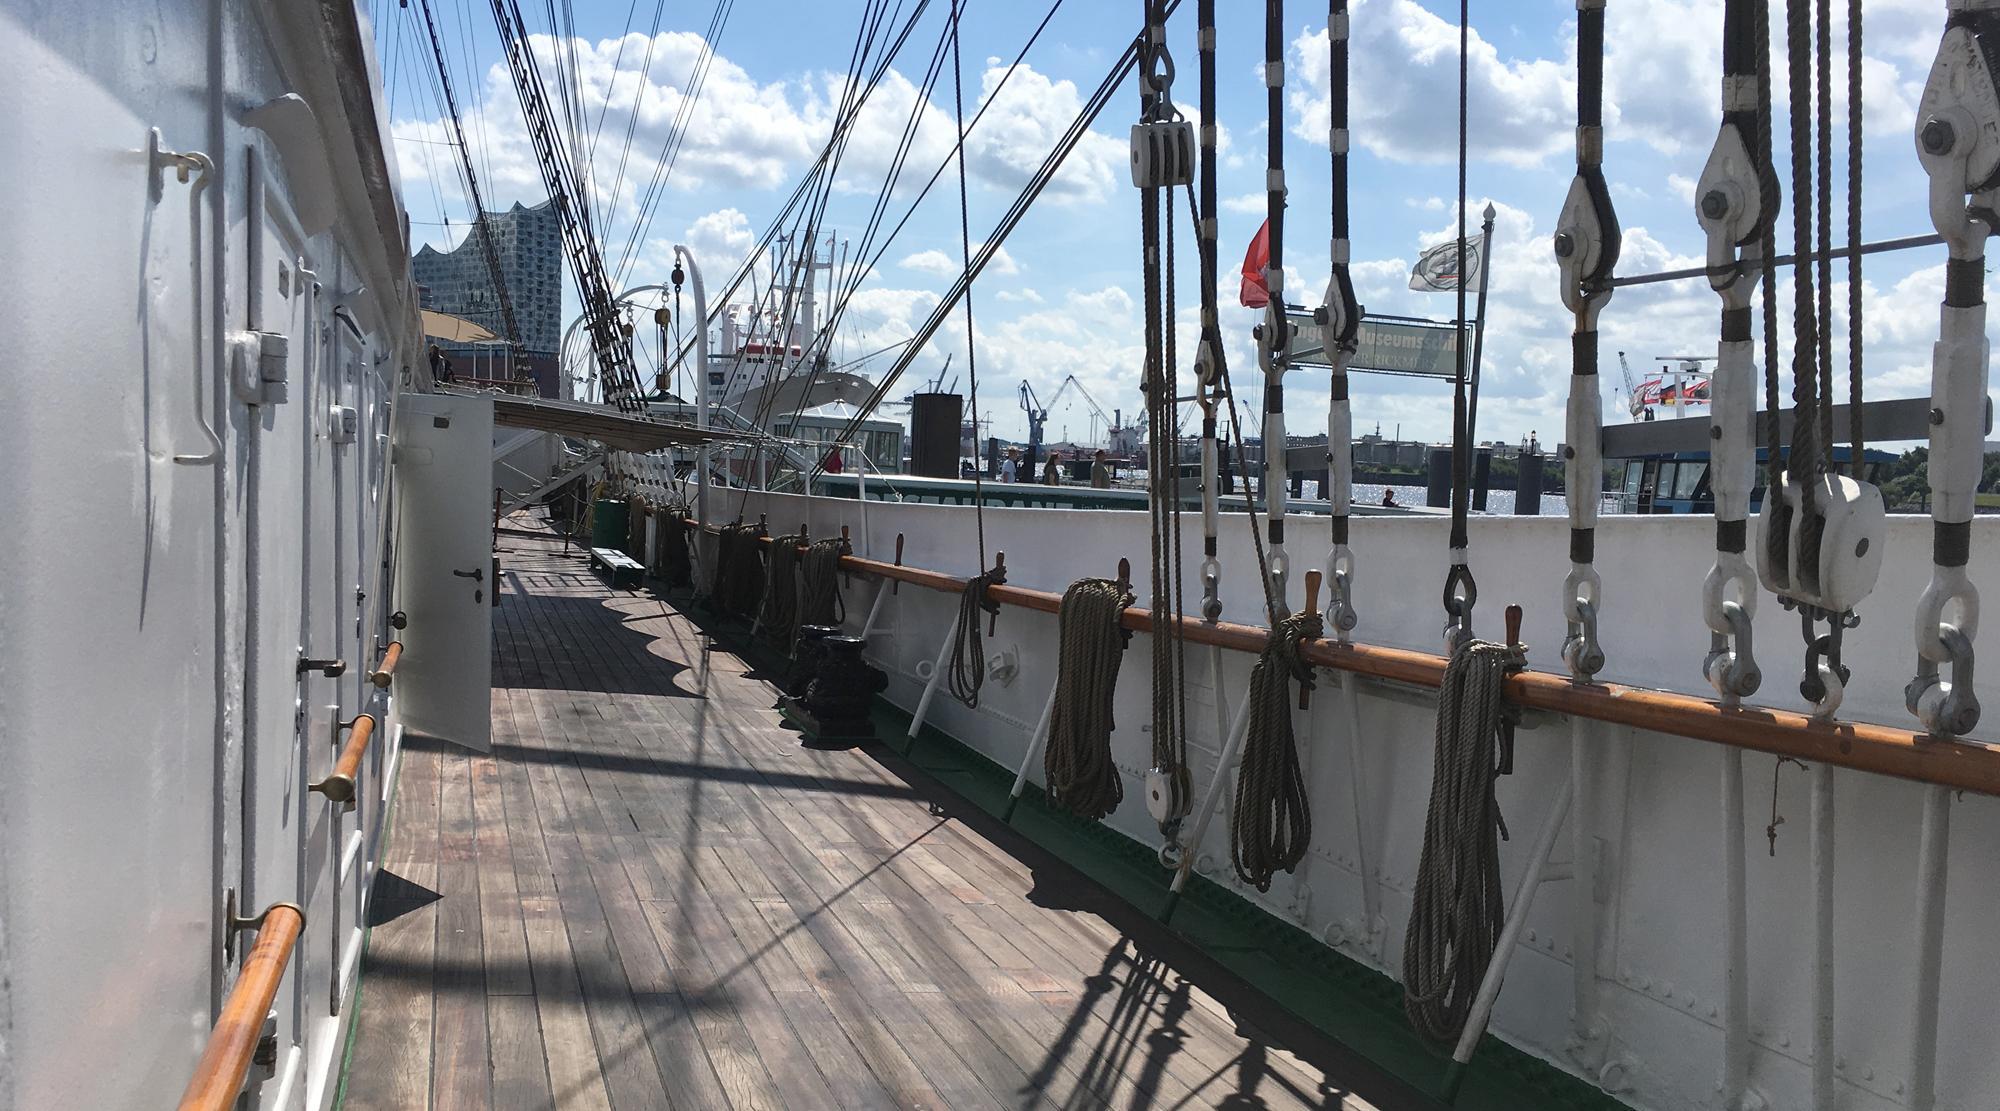 Piraten Hamburg - Rickmer Rickmers